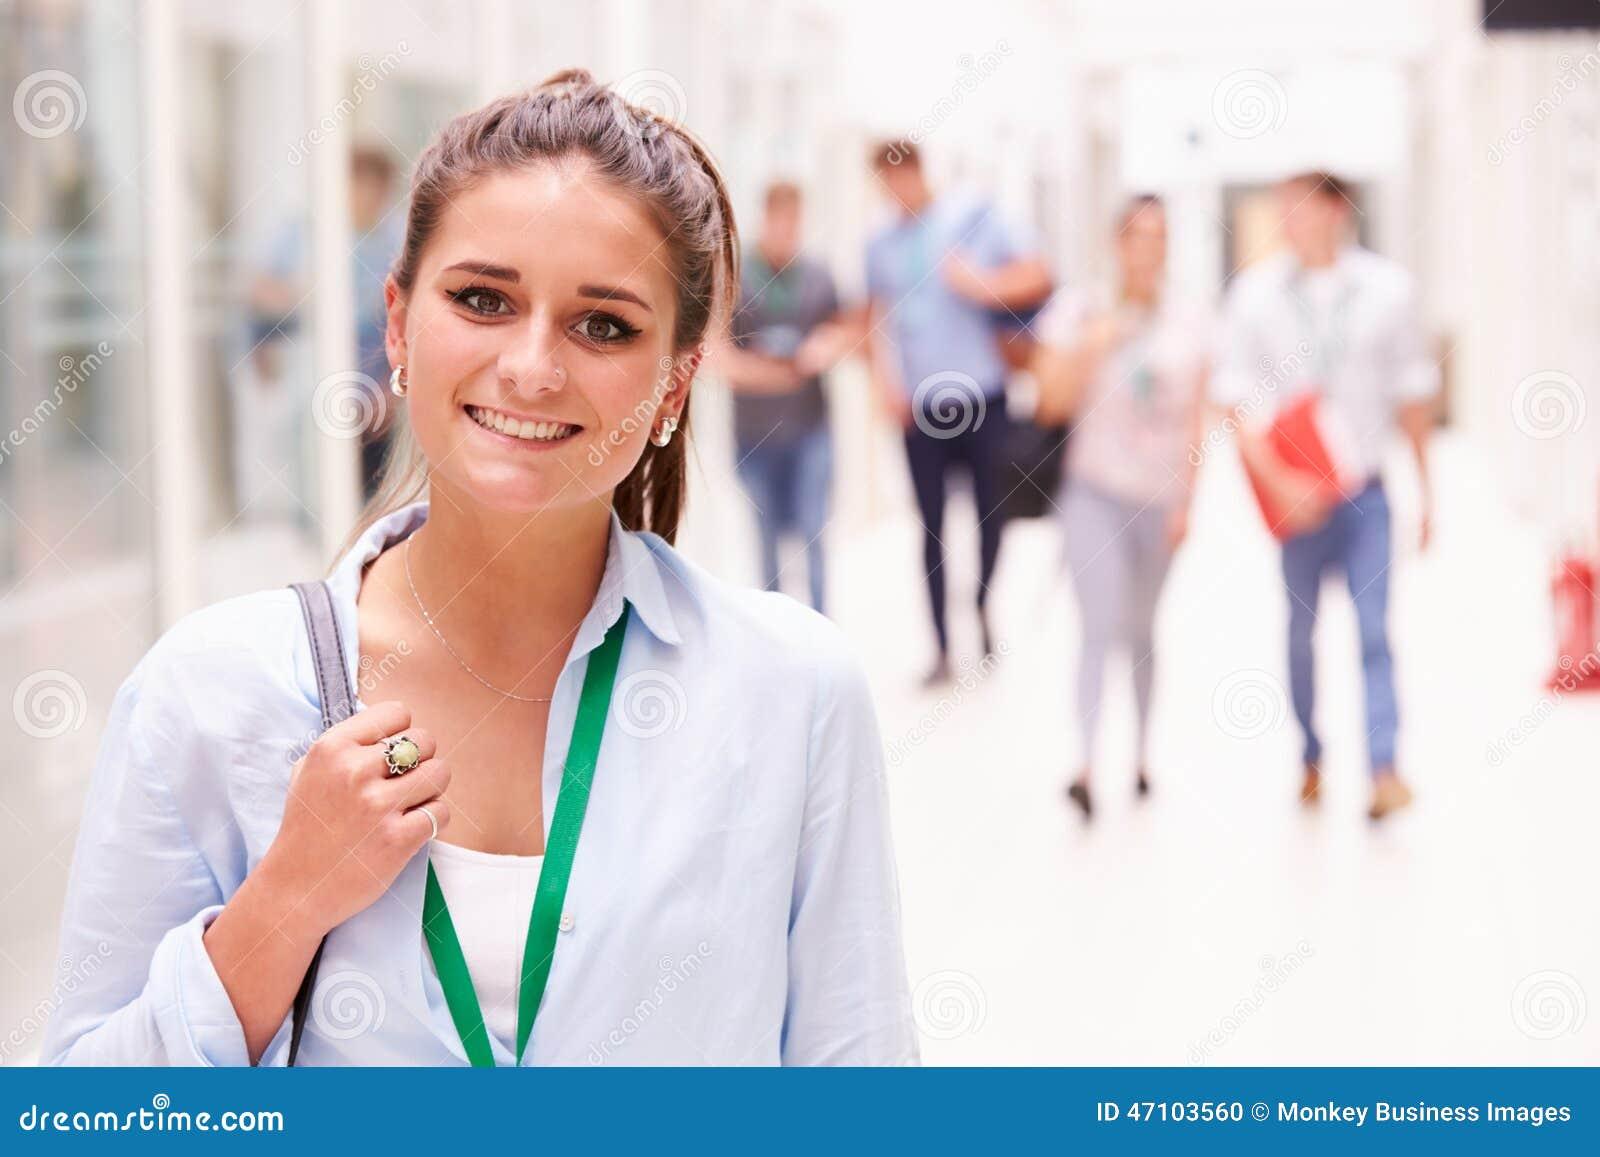 Retrato del estudiante universitario de sexo femenino In Hallway